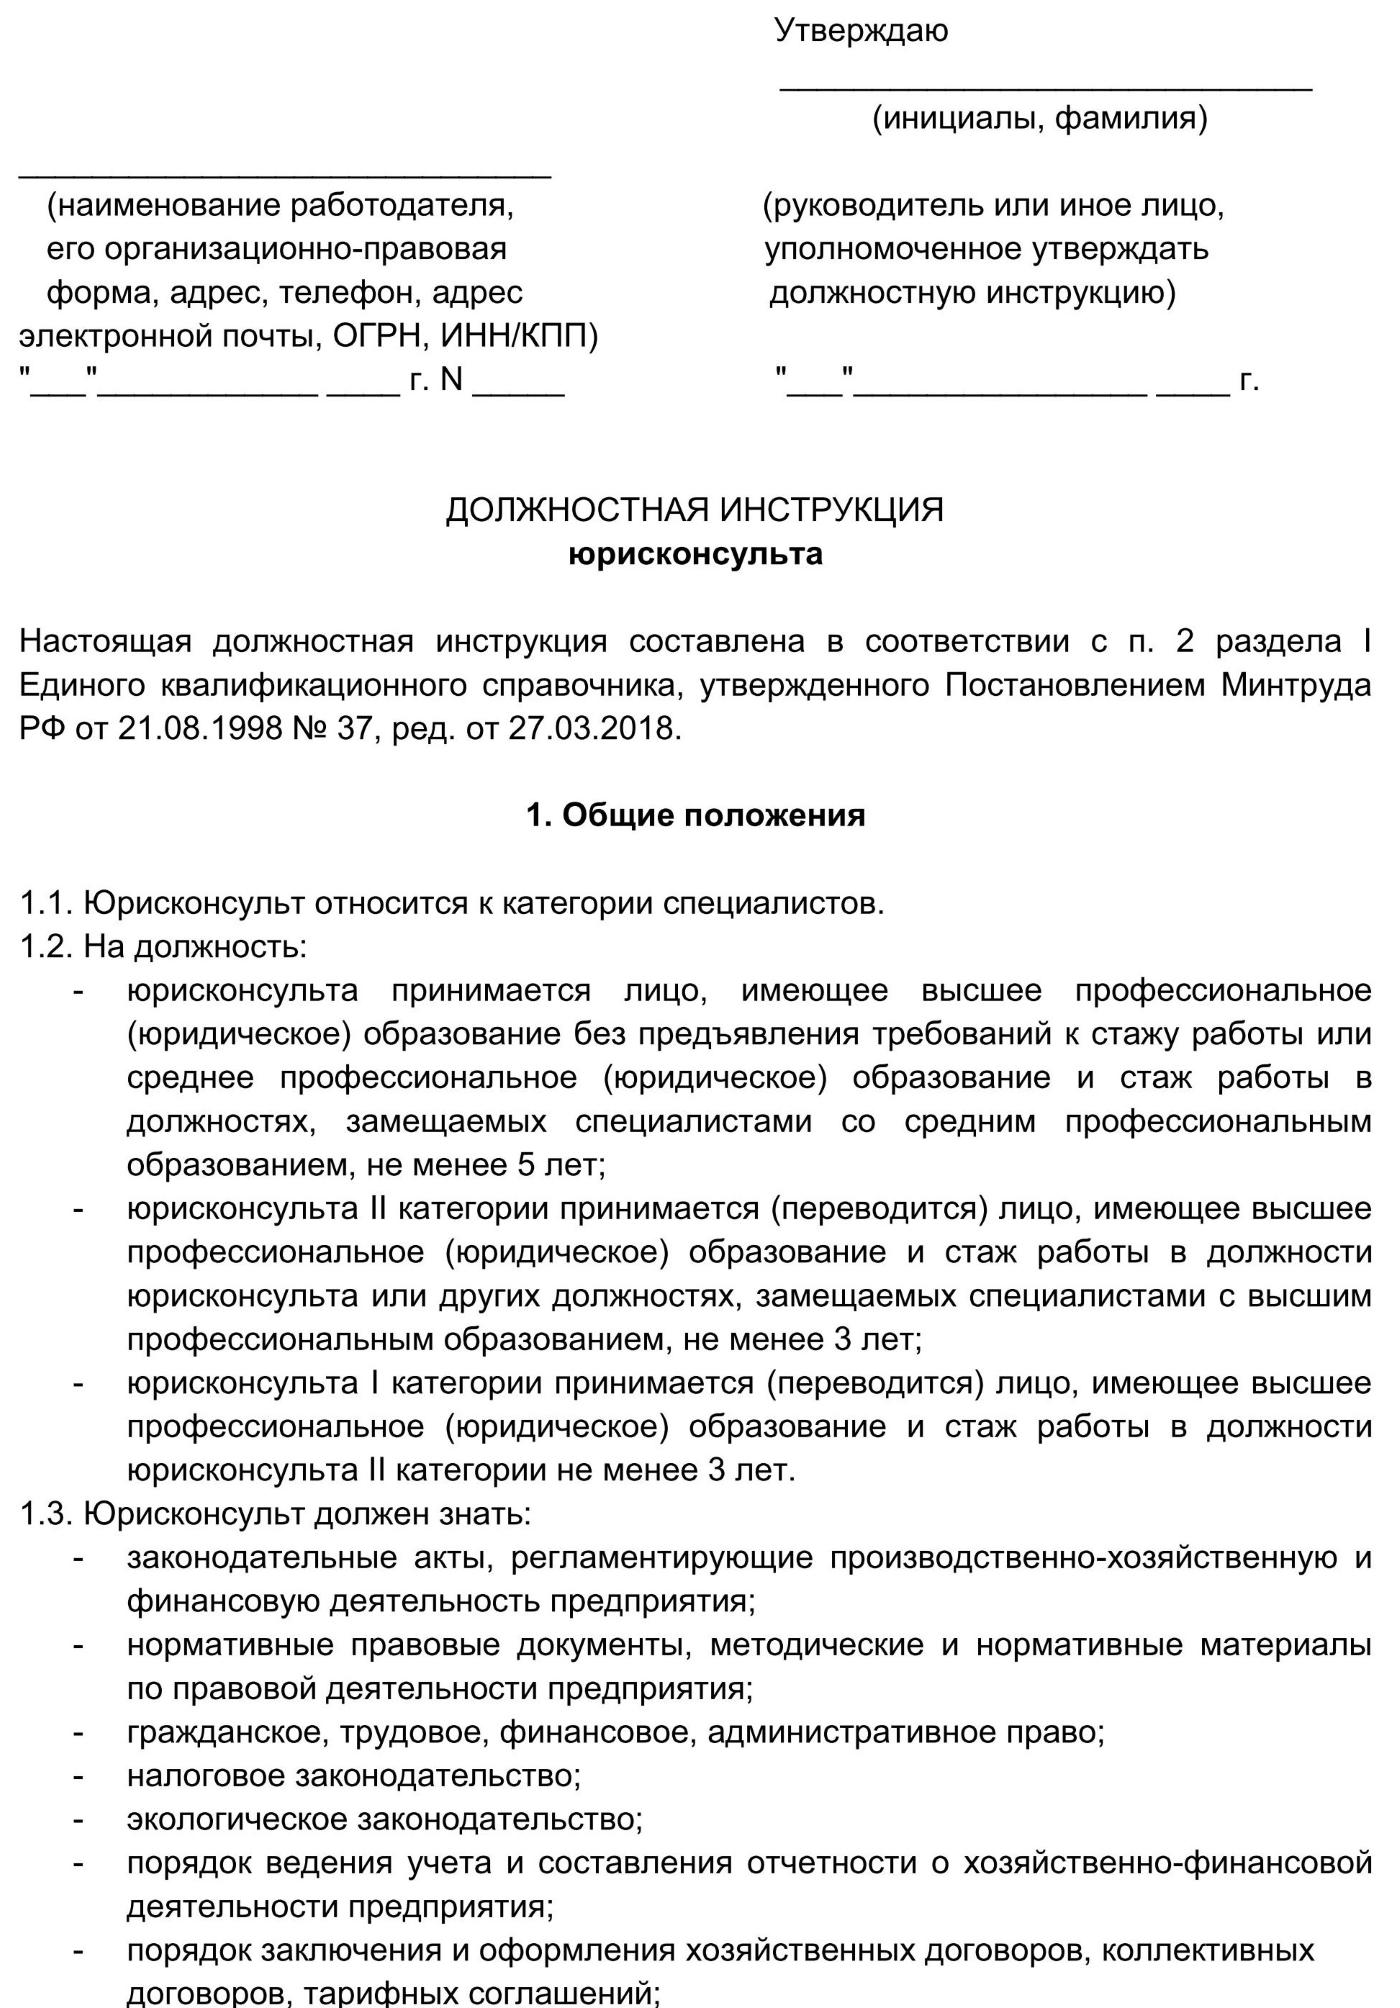 Обязанности военного юриста в части